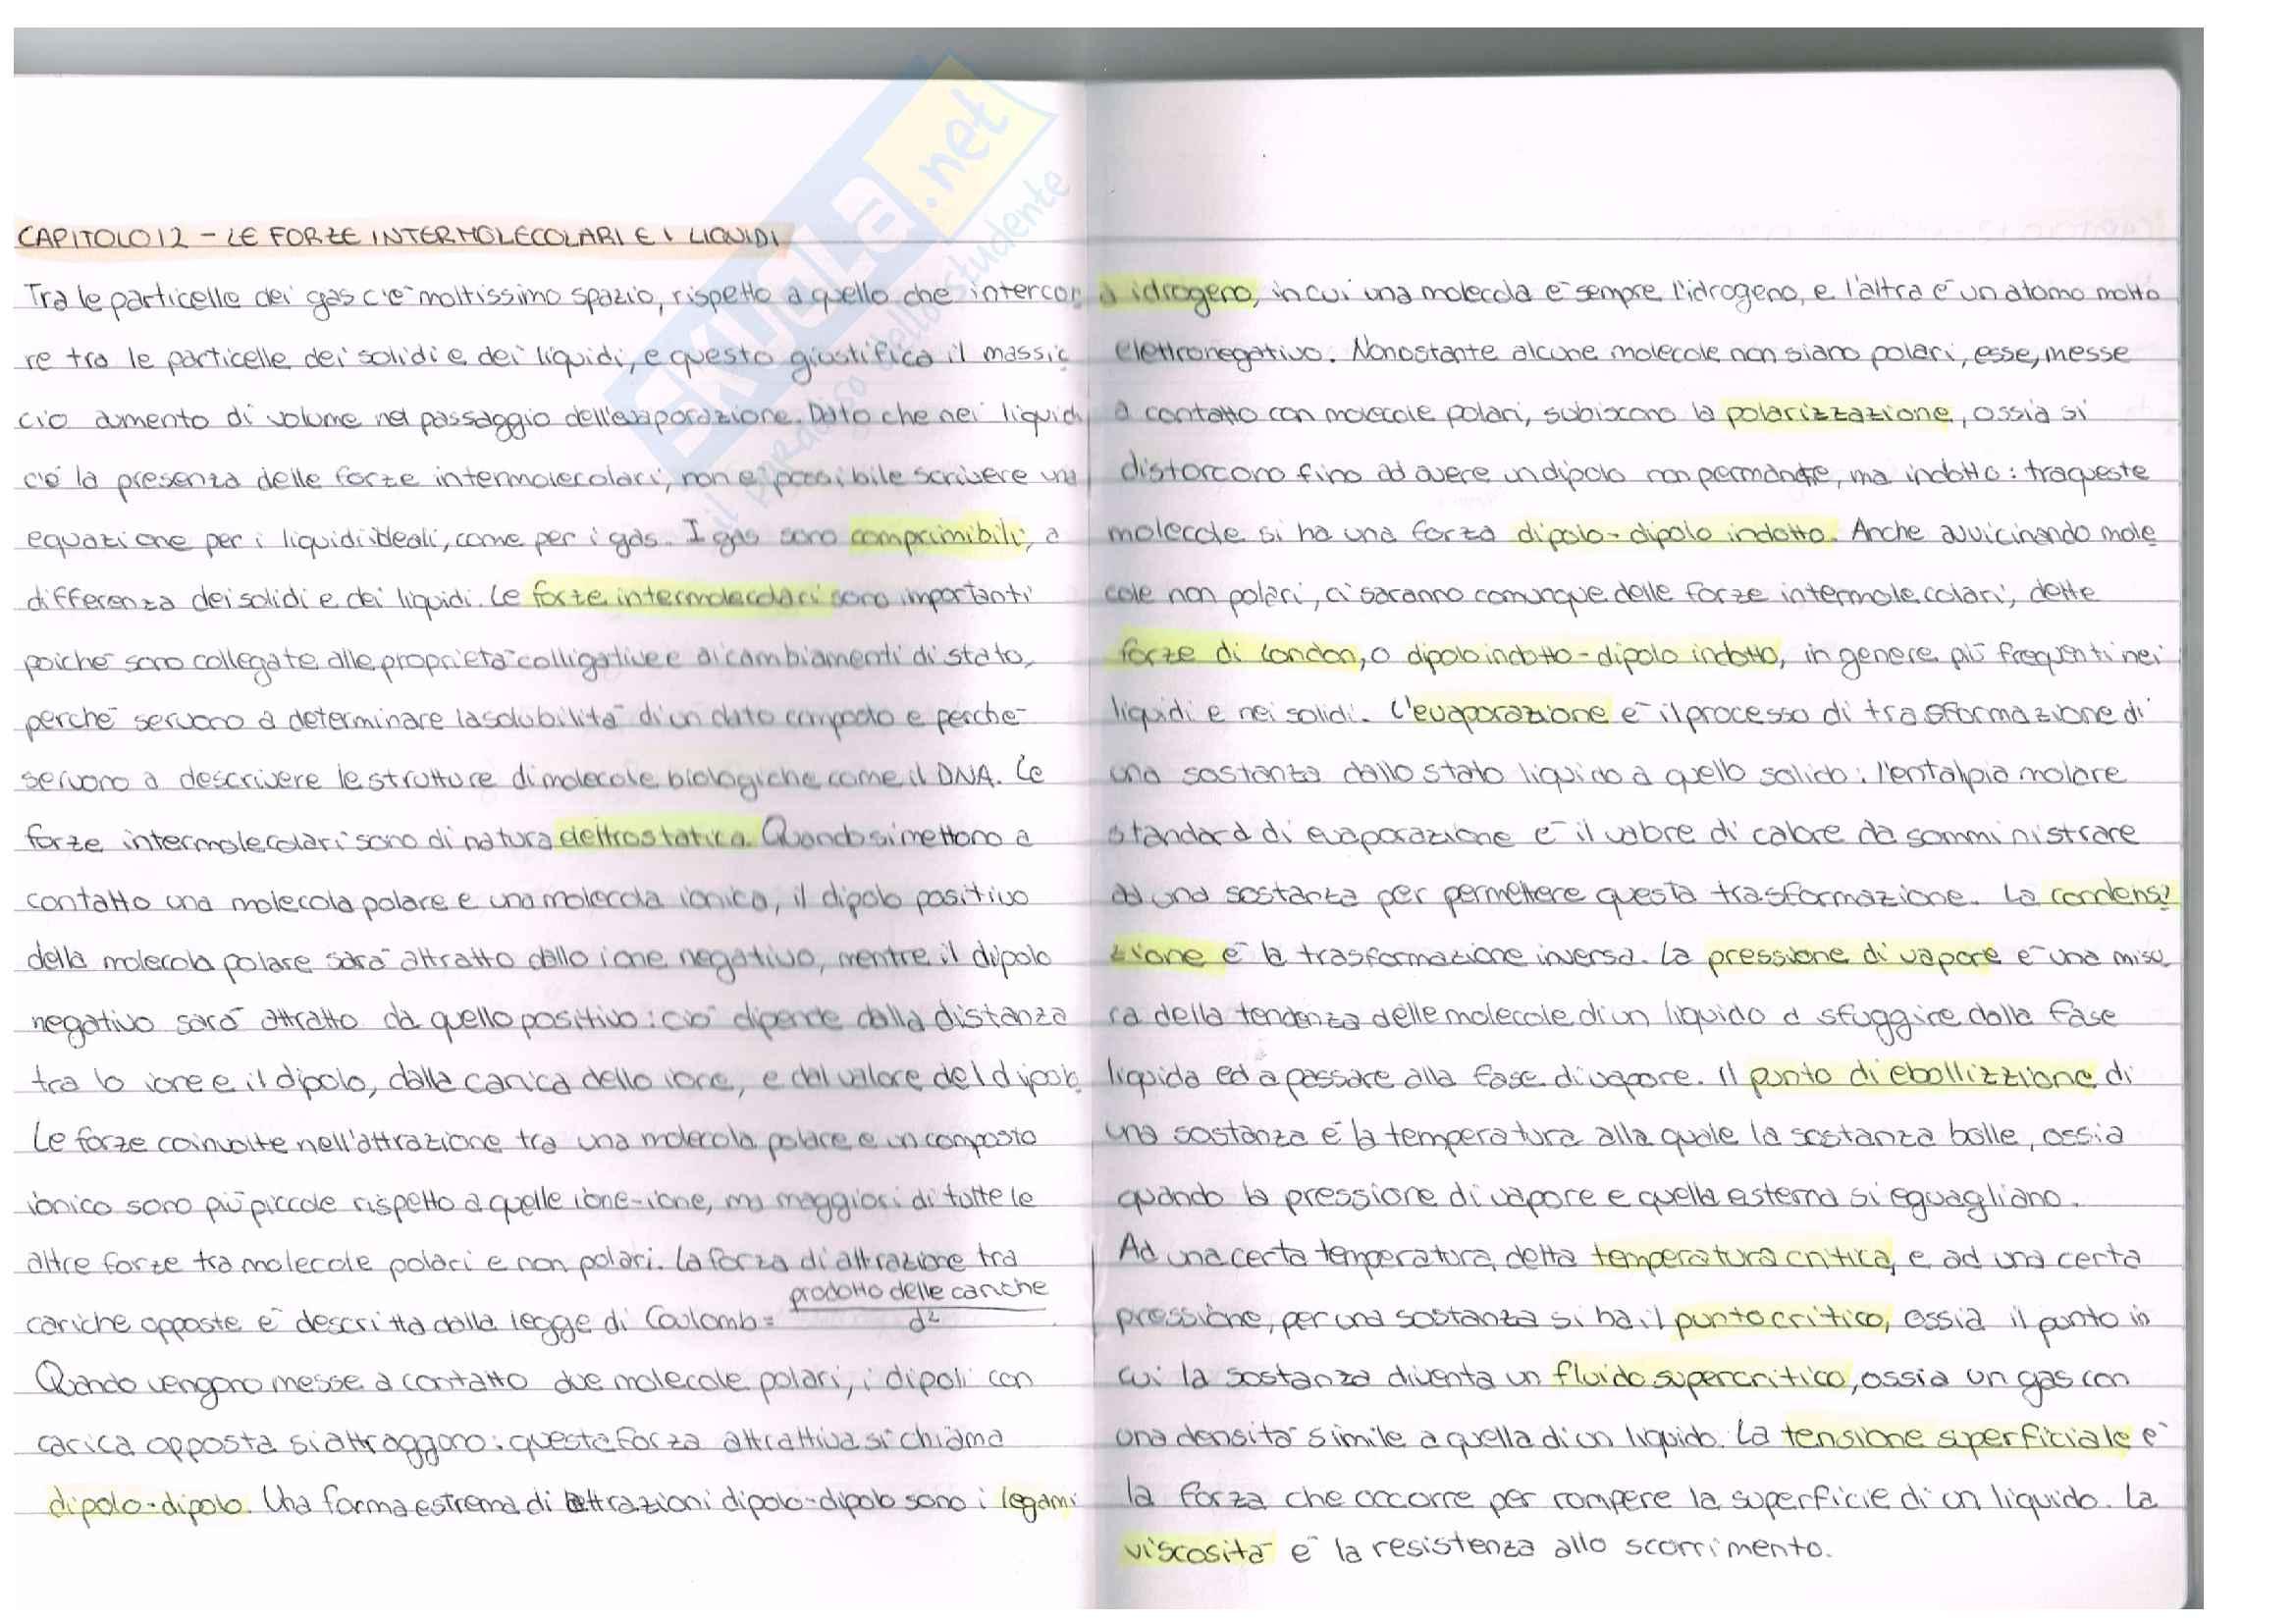 Appunti esame chimica inorganica, prof. Ugo Caruso, libro consigliato Chimica, Kotz Pag. 16